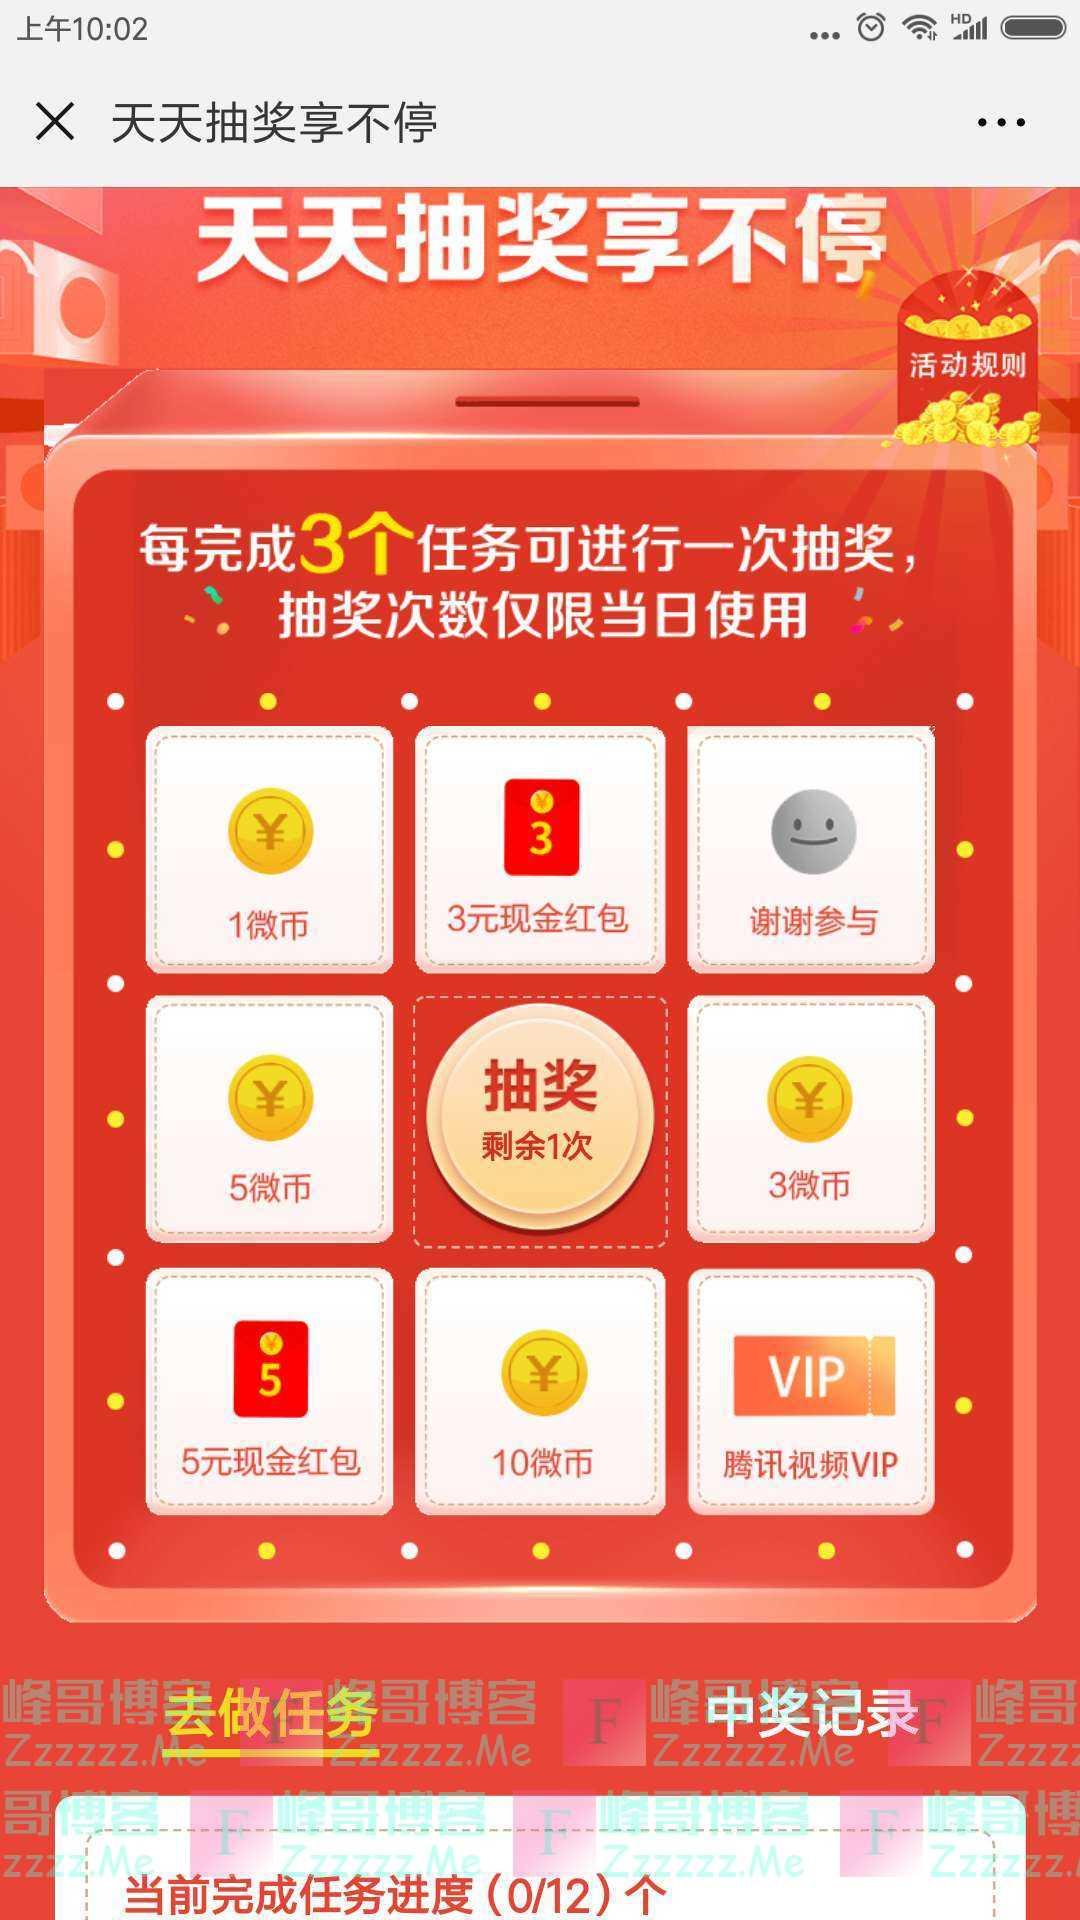 辽宁联通腾讯视频会员、现金红包抽奖(截止不详)